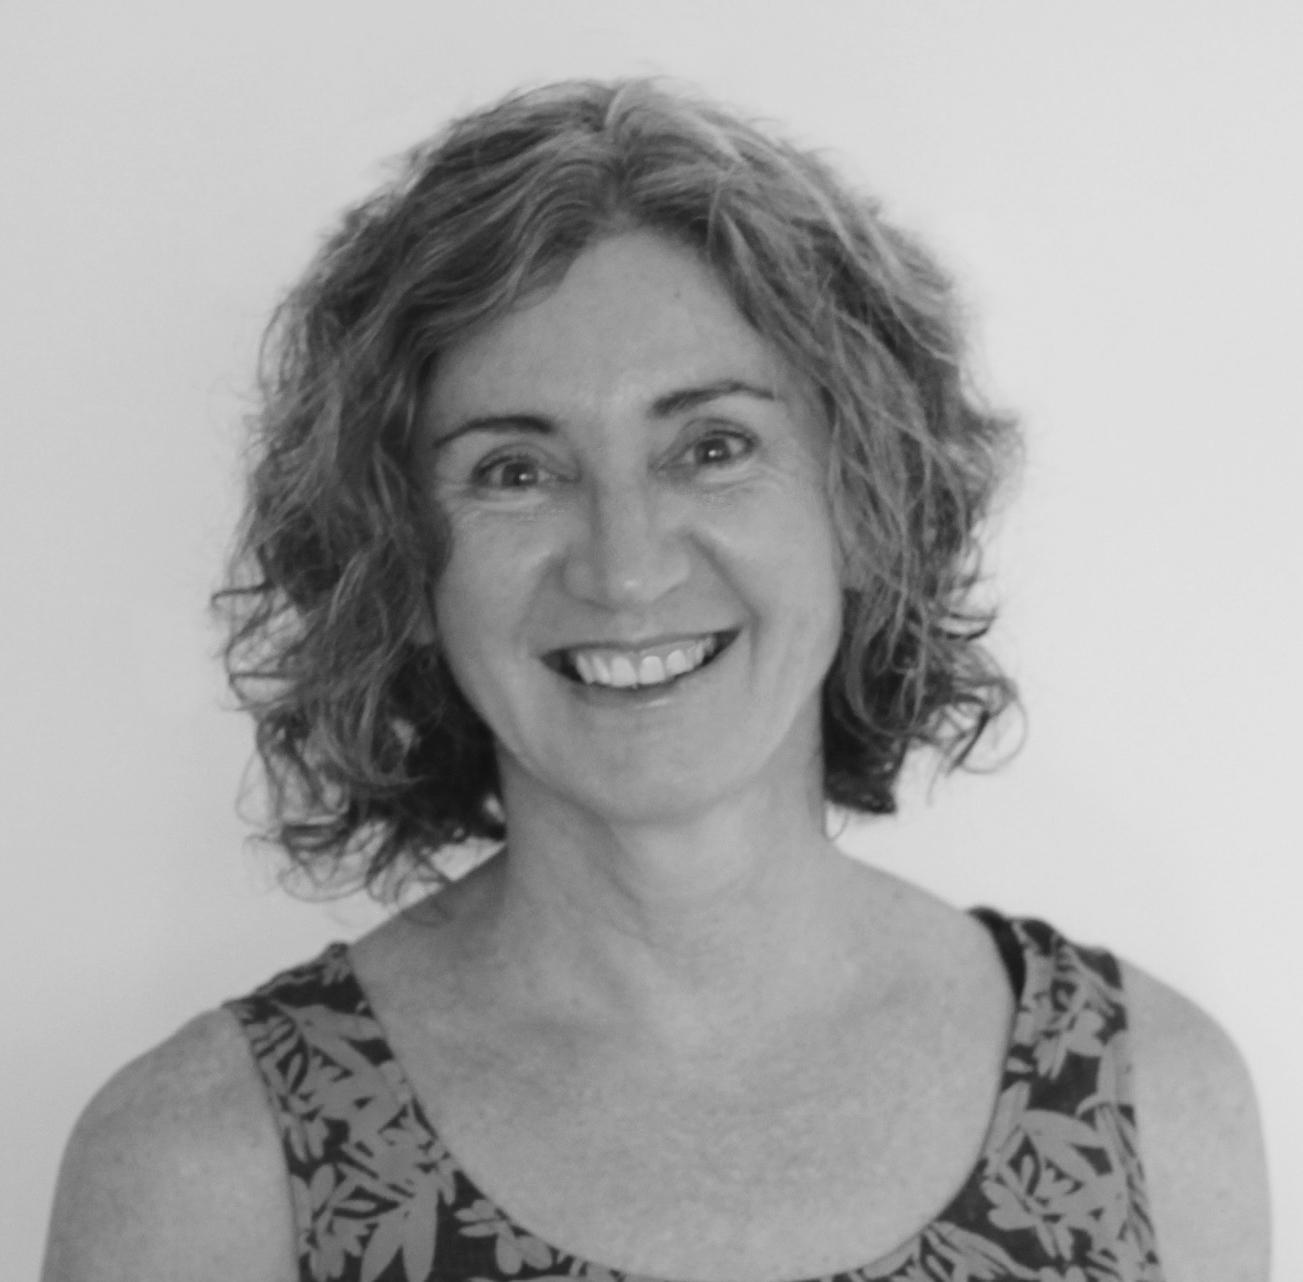 Gina Keller